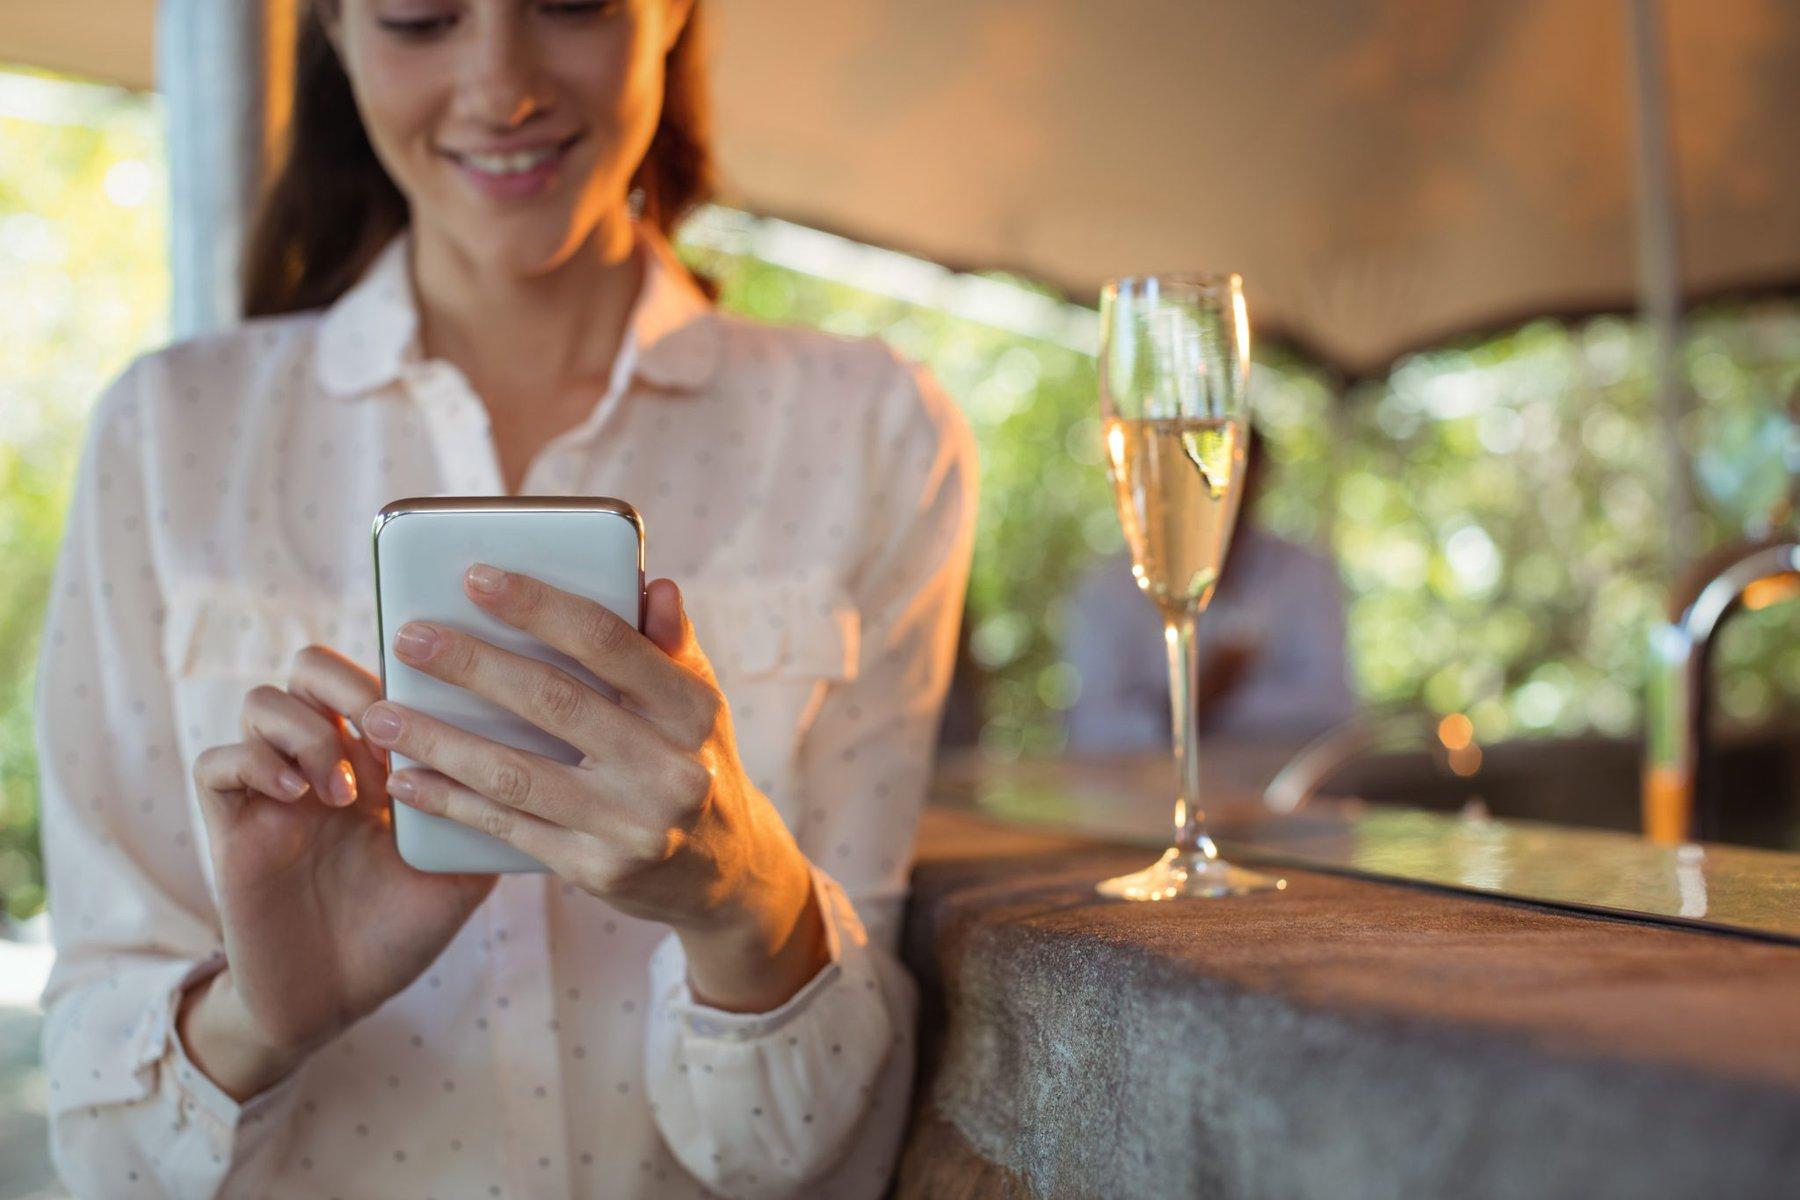 Os melhores apps para mensagem de ano novo no whatsapp. Listamos as melhores opções de aplicativos para você enviar mensagem de ano novo no whatsapp para amigos e familiares